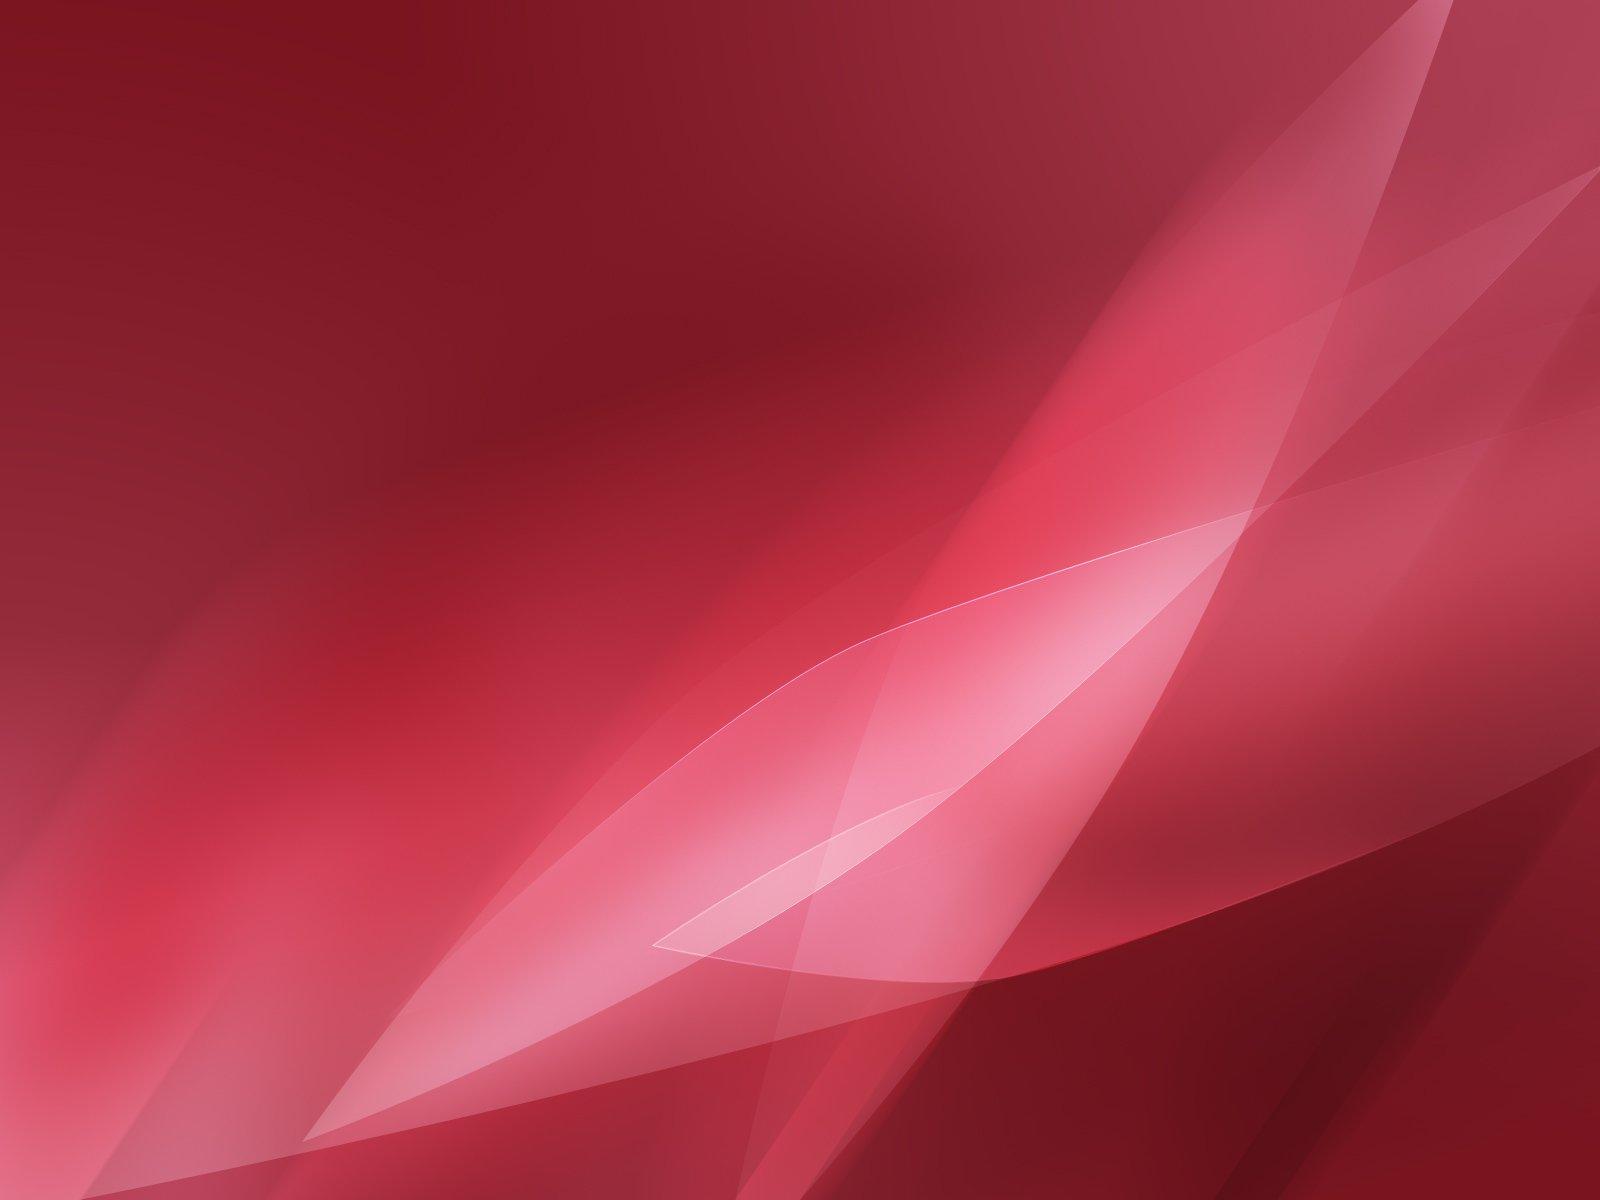 http://4.bp.blogspot.com/-zcw8cEpUvEc/TWgJc_rIQmI/AAAAAAAADnw/E_wFYCPIN9M/s1600/Rode-achtergronden-rood-achtergrond-rode-wallpapers-hd-1.jpg